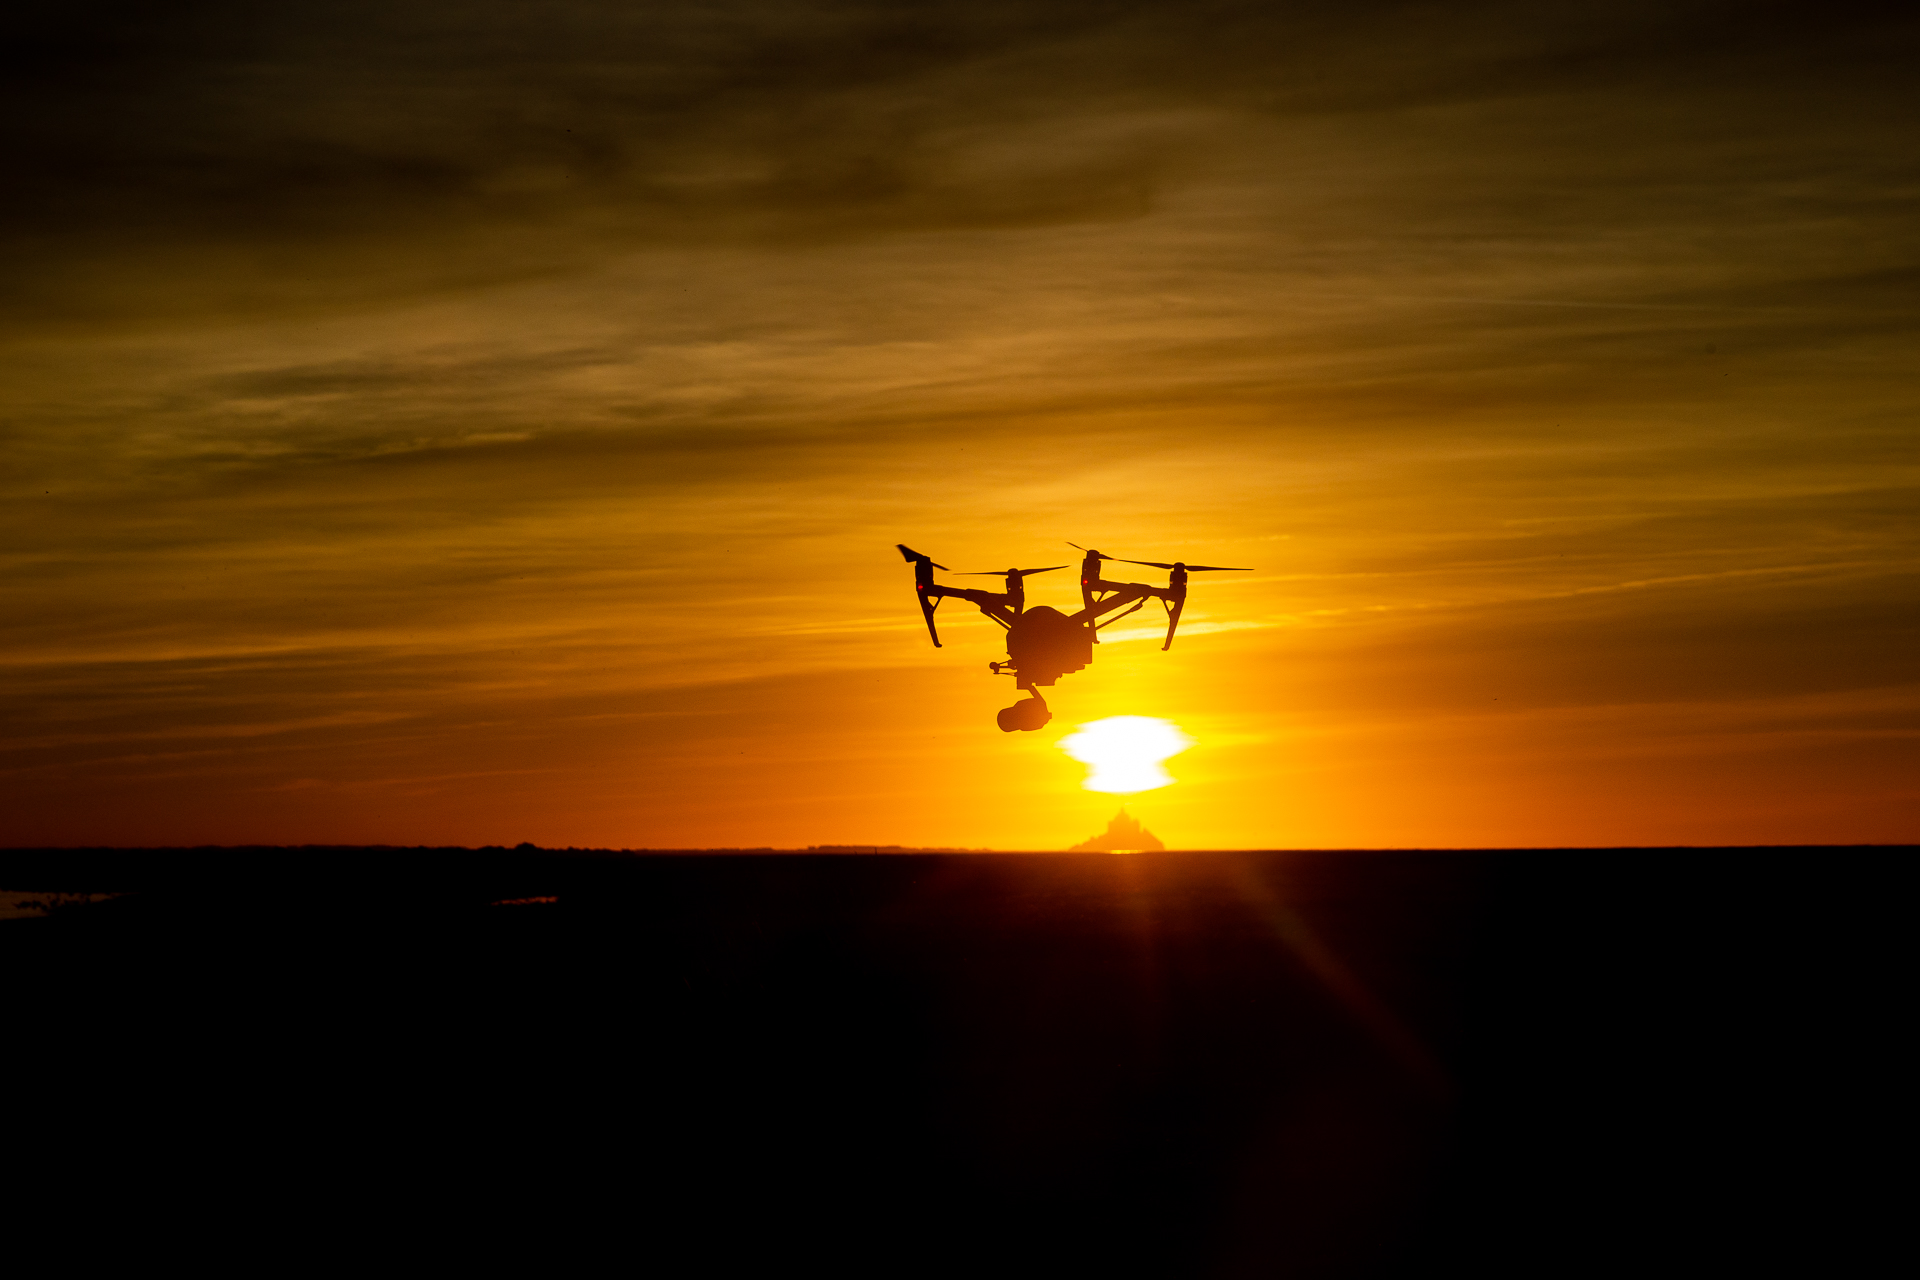 tournage_aerien_par_drone_mont_saint_michel-1108©Stephane_Leroy.jpg